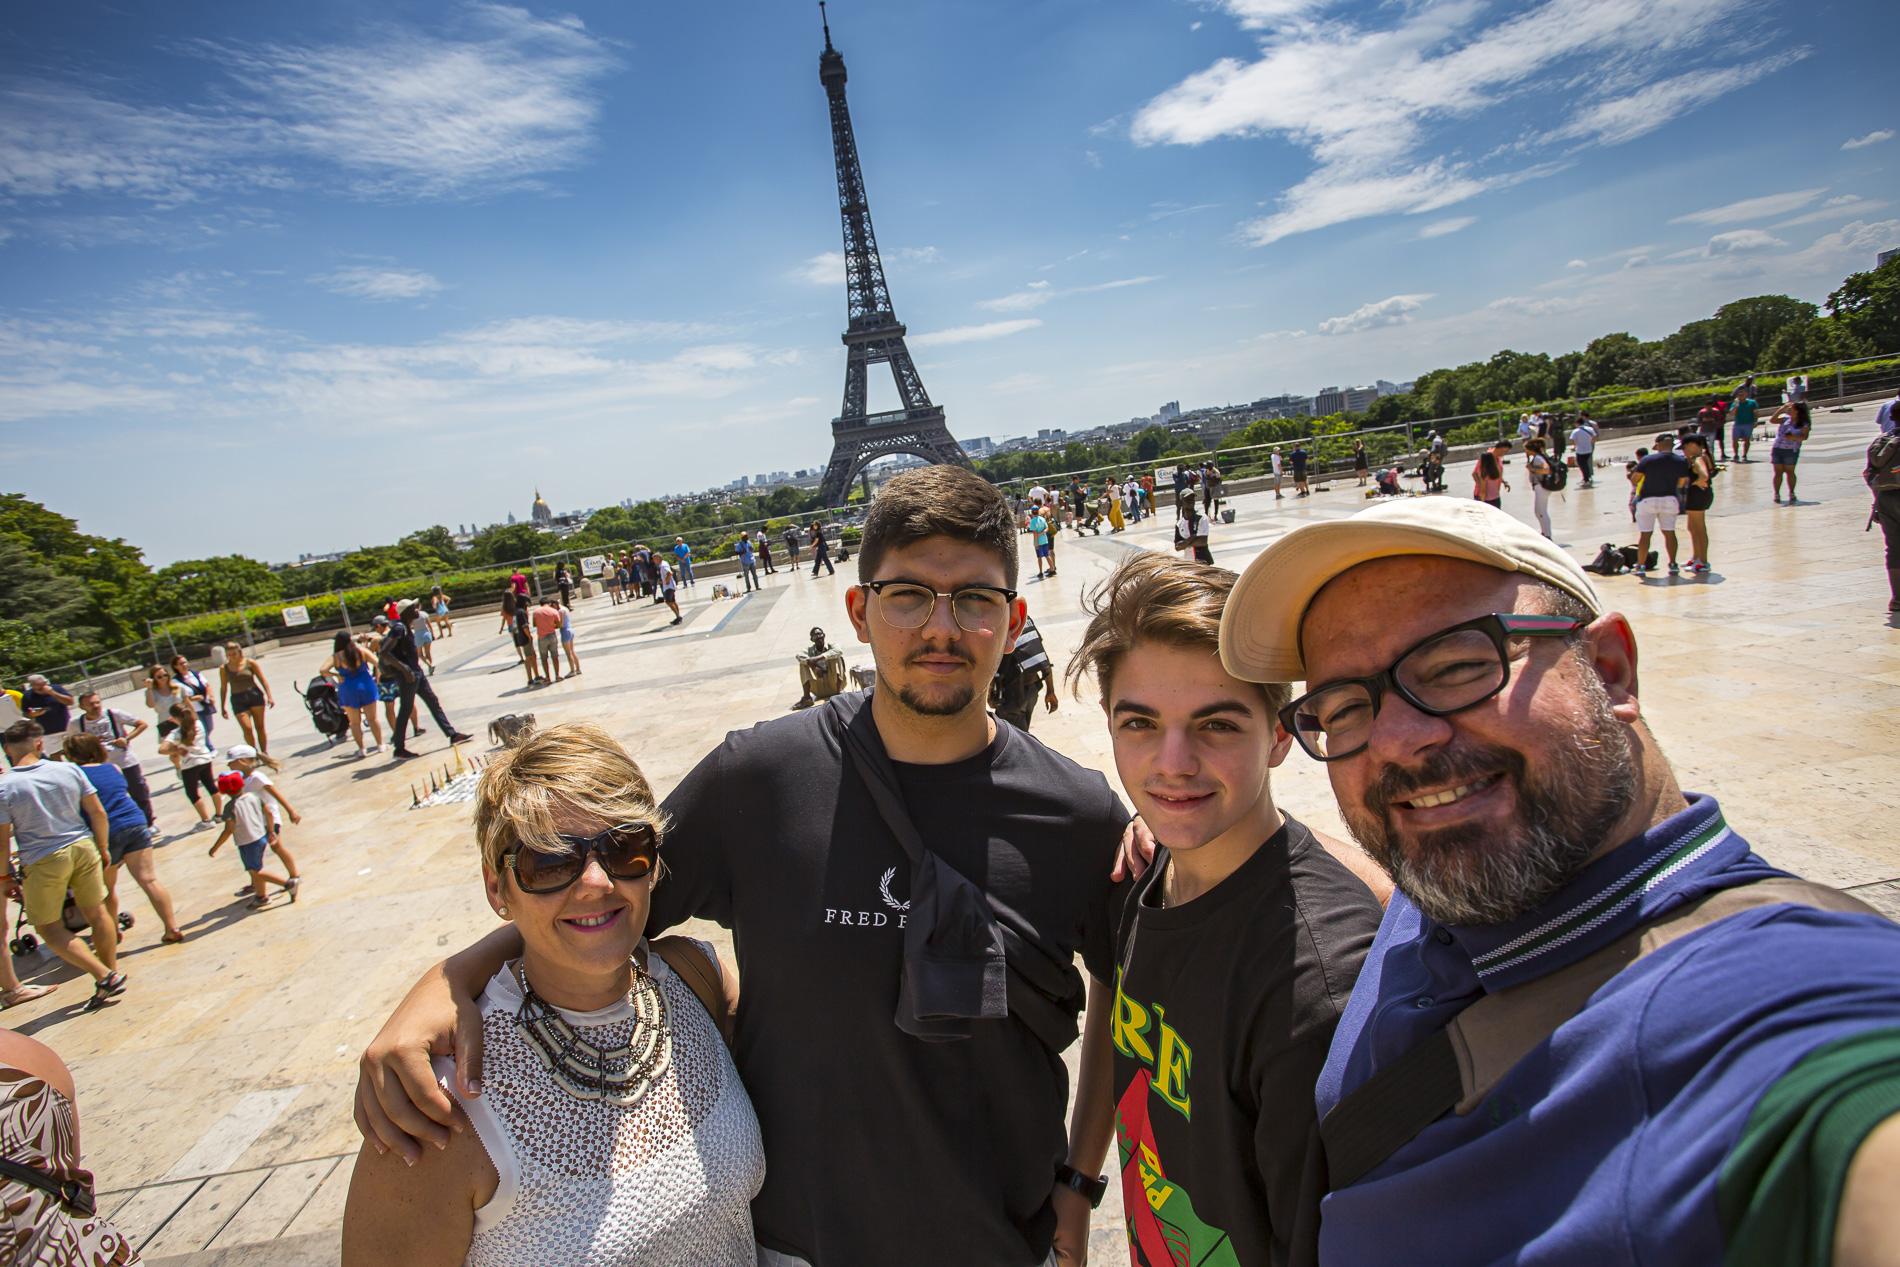 SELFIE-TORRE-EIFEL-PARIS